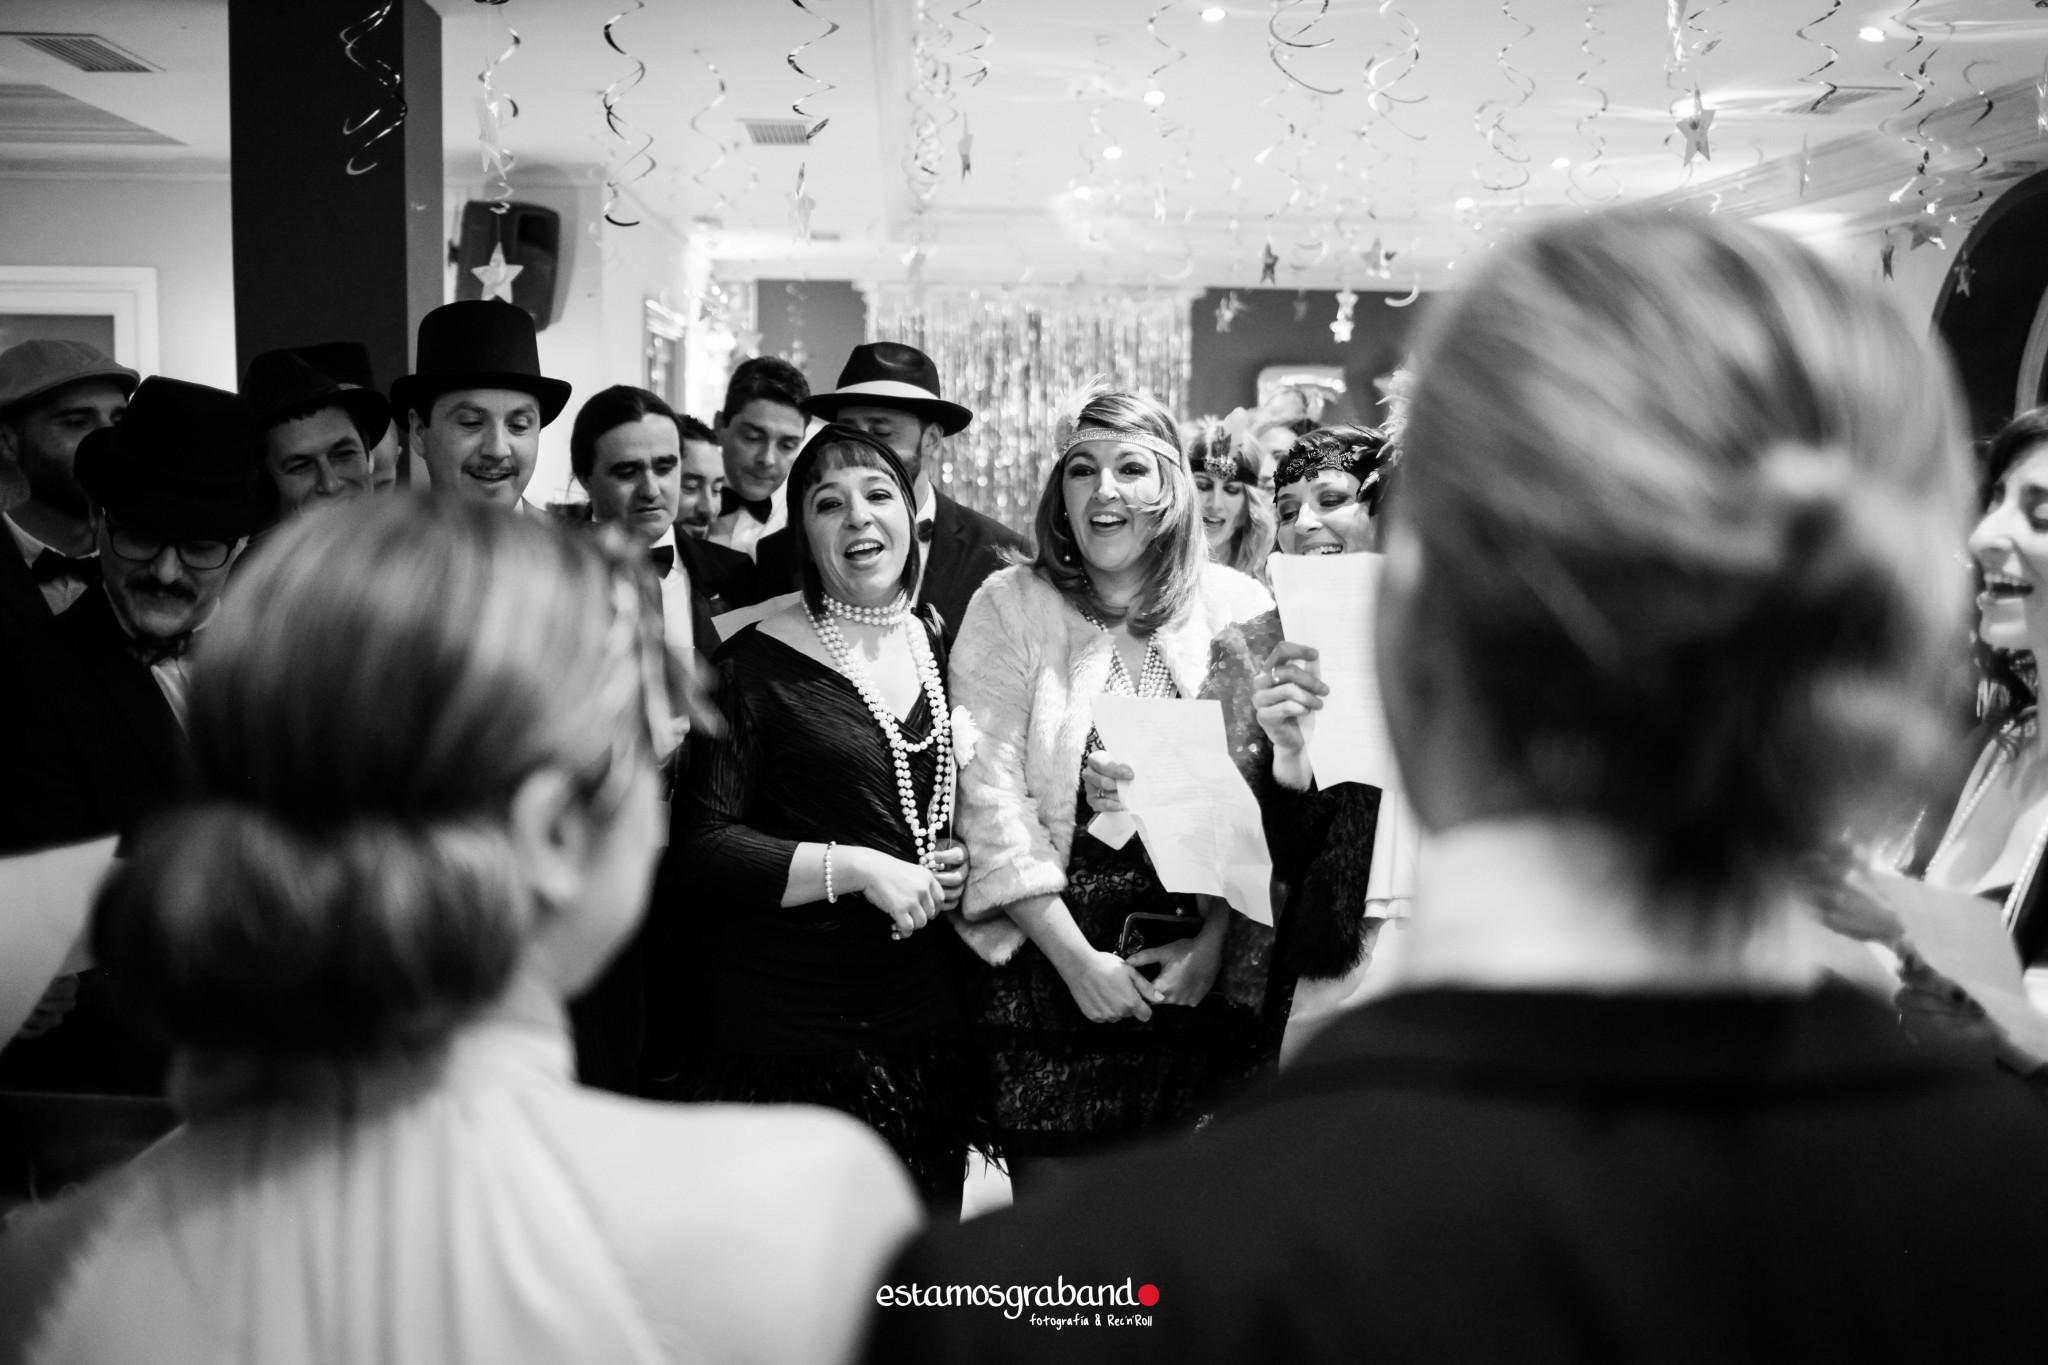 Años-20-BBTP-100-de-109 Los locos Años 20 [Fotografía en La Teta de Julieta, Cádiz] - video boda cadiz